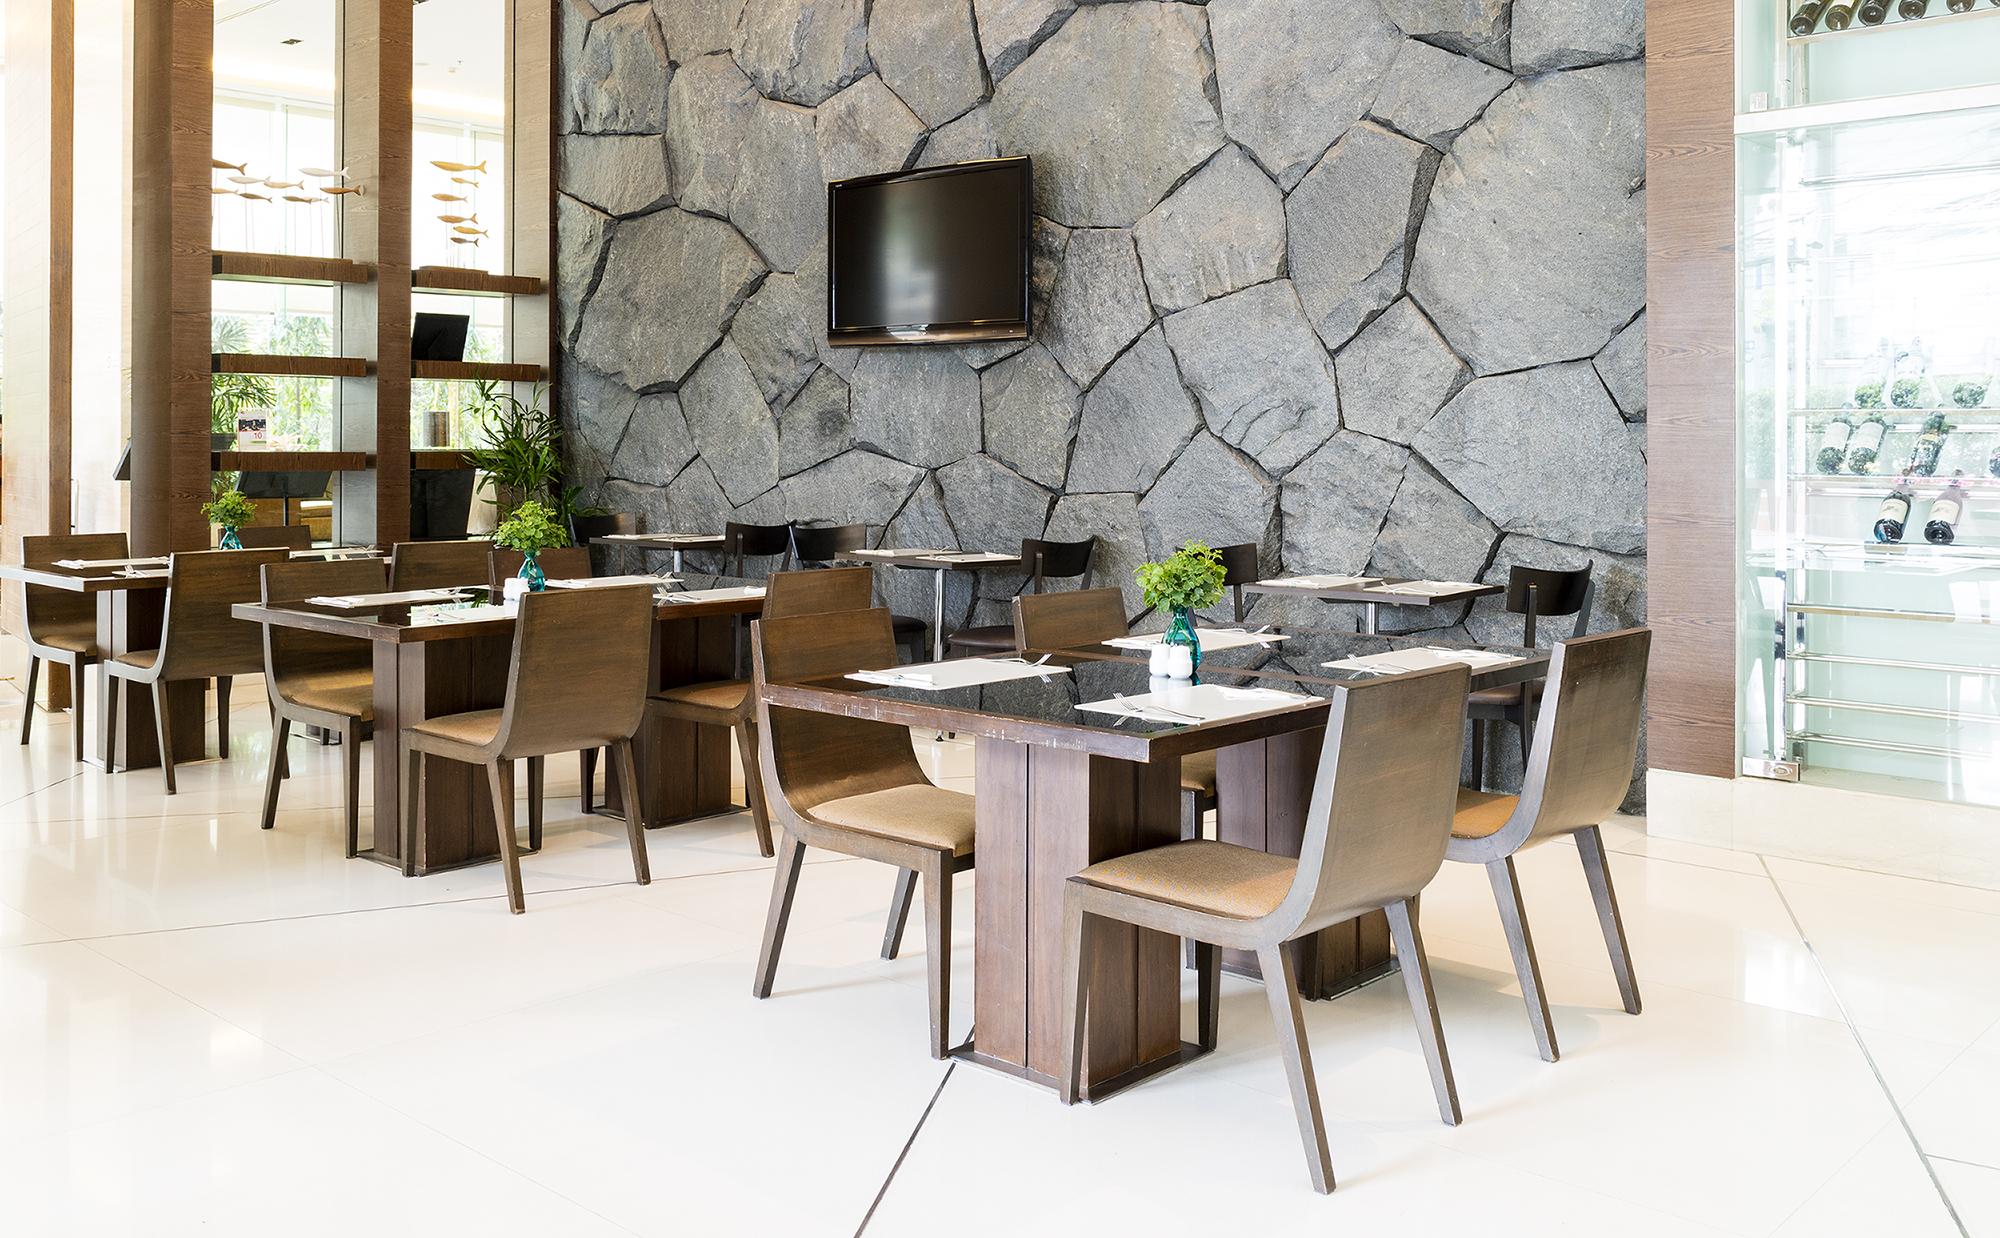 ผัดไทยกุ้งแม่น้ำ ห้องอาหาร Jasmine Station โรงแรมจัสมิน รีสอร์ท   ห้องอาหาร Jasmine Station โรงแรมจัสมิน รีสอร์ท พระโขนง IMG 1011